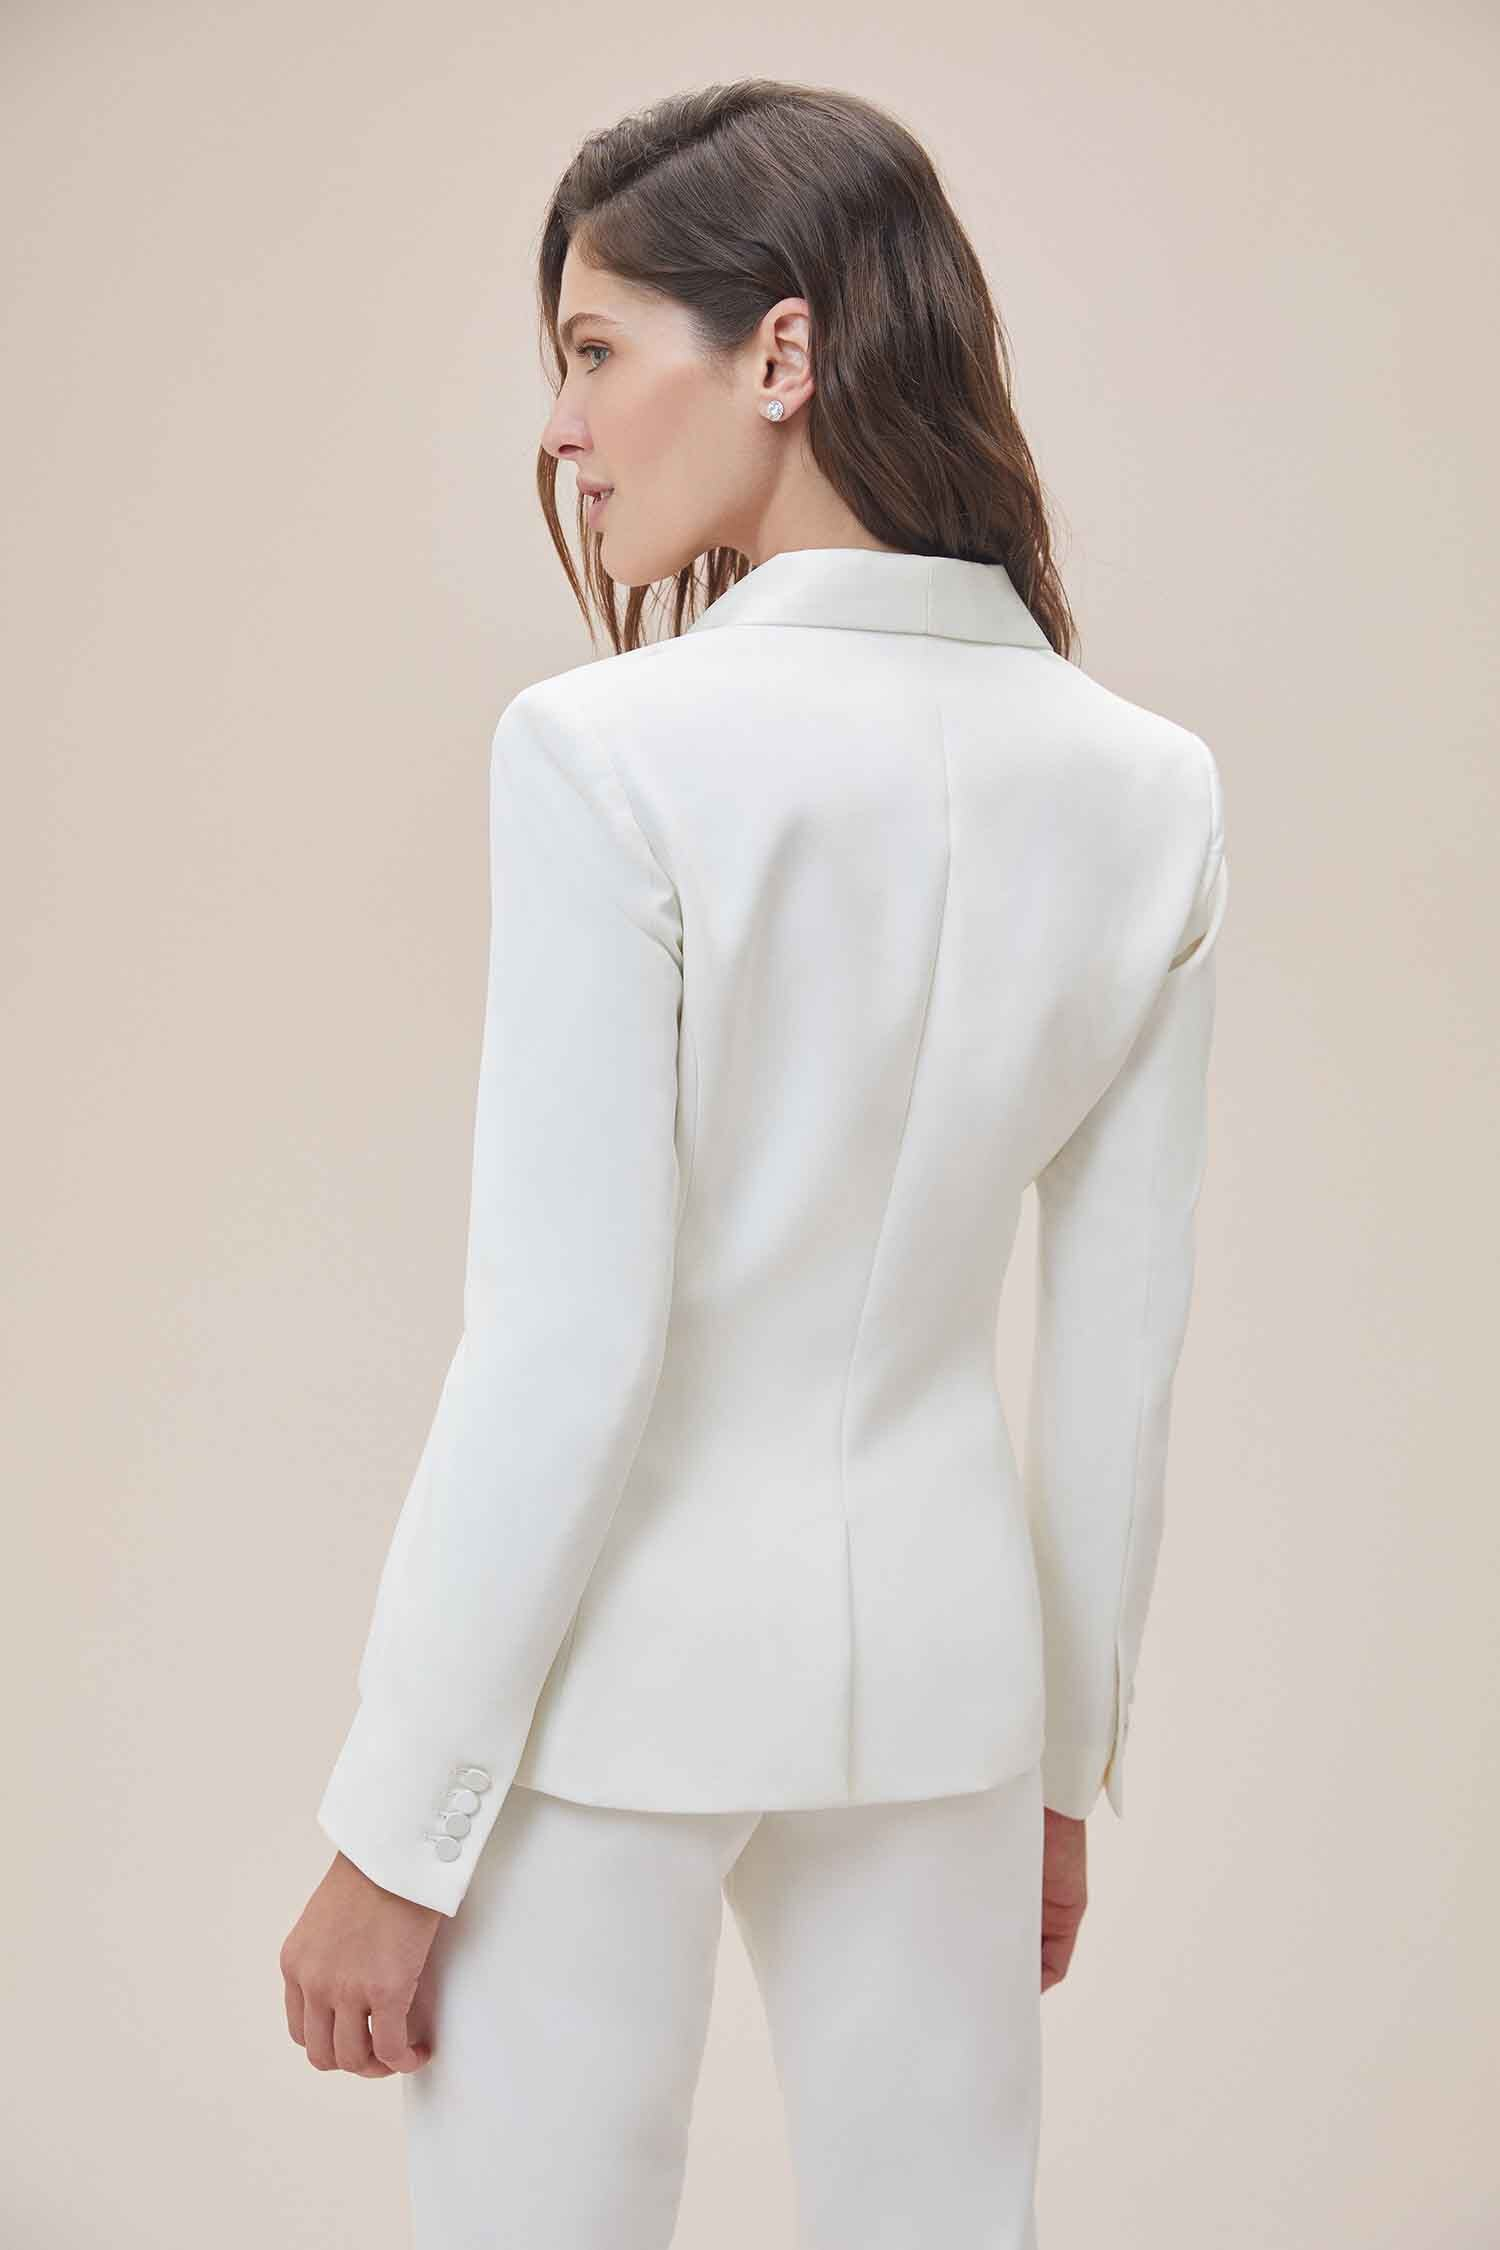 Beyaz Dar Kesim Krep Takım Elbise Gelinlik Ceketi - Thumbnail